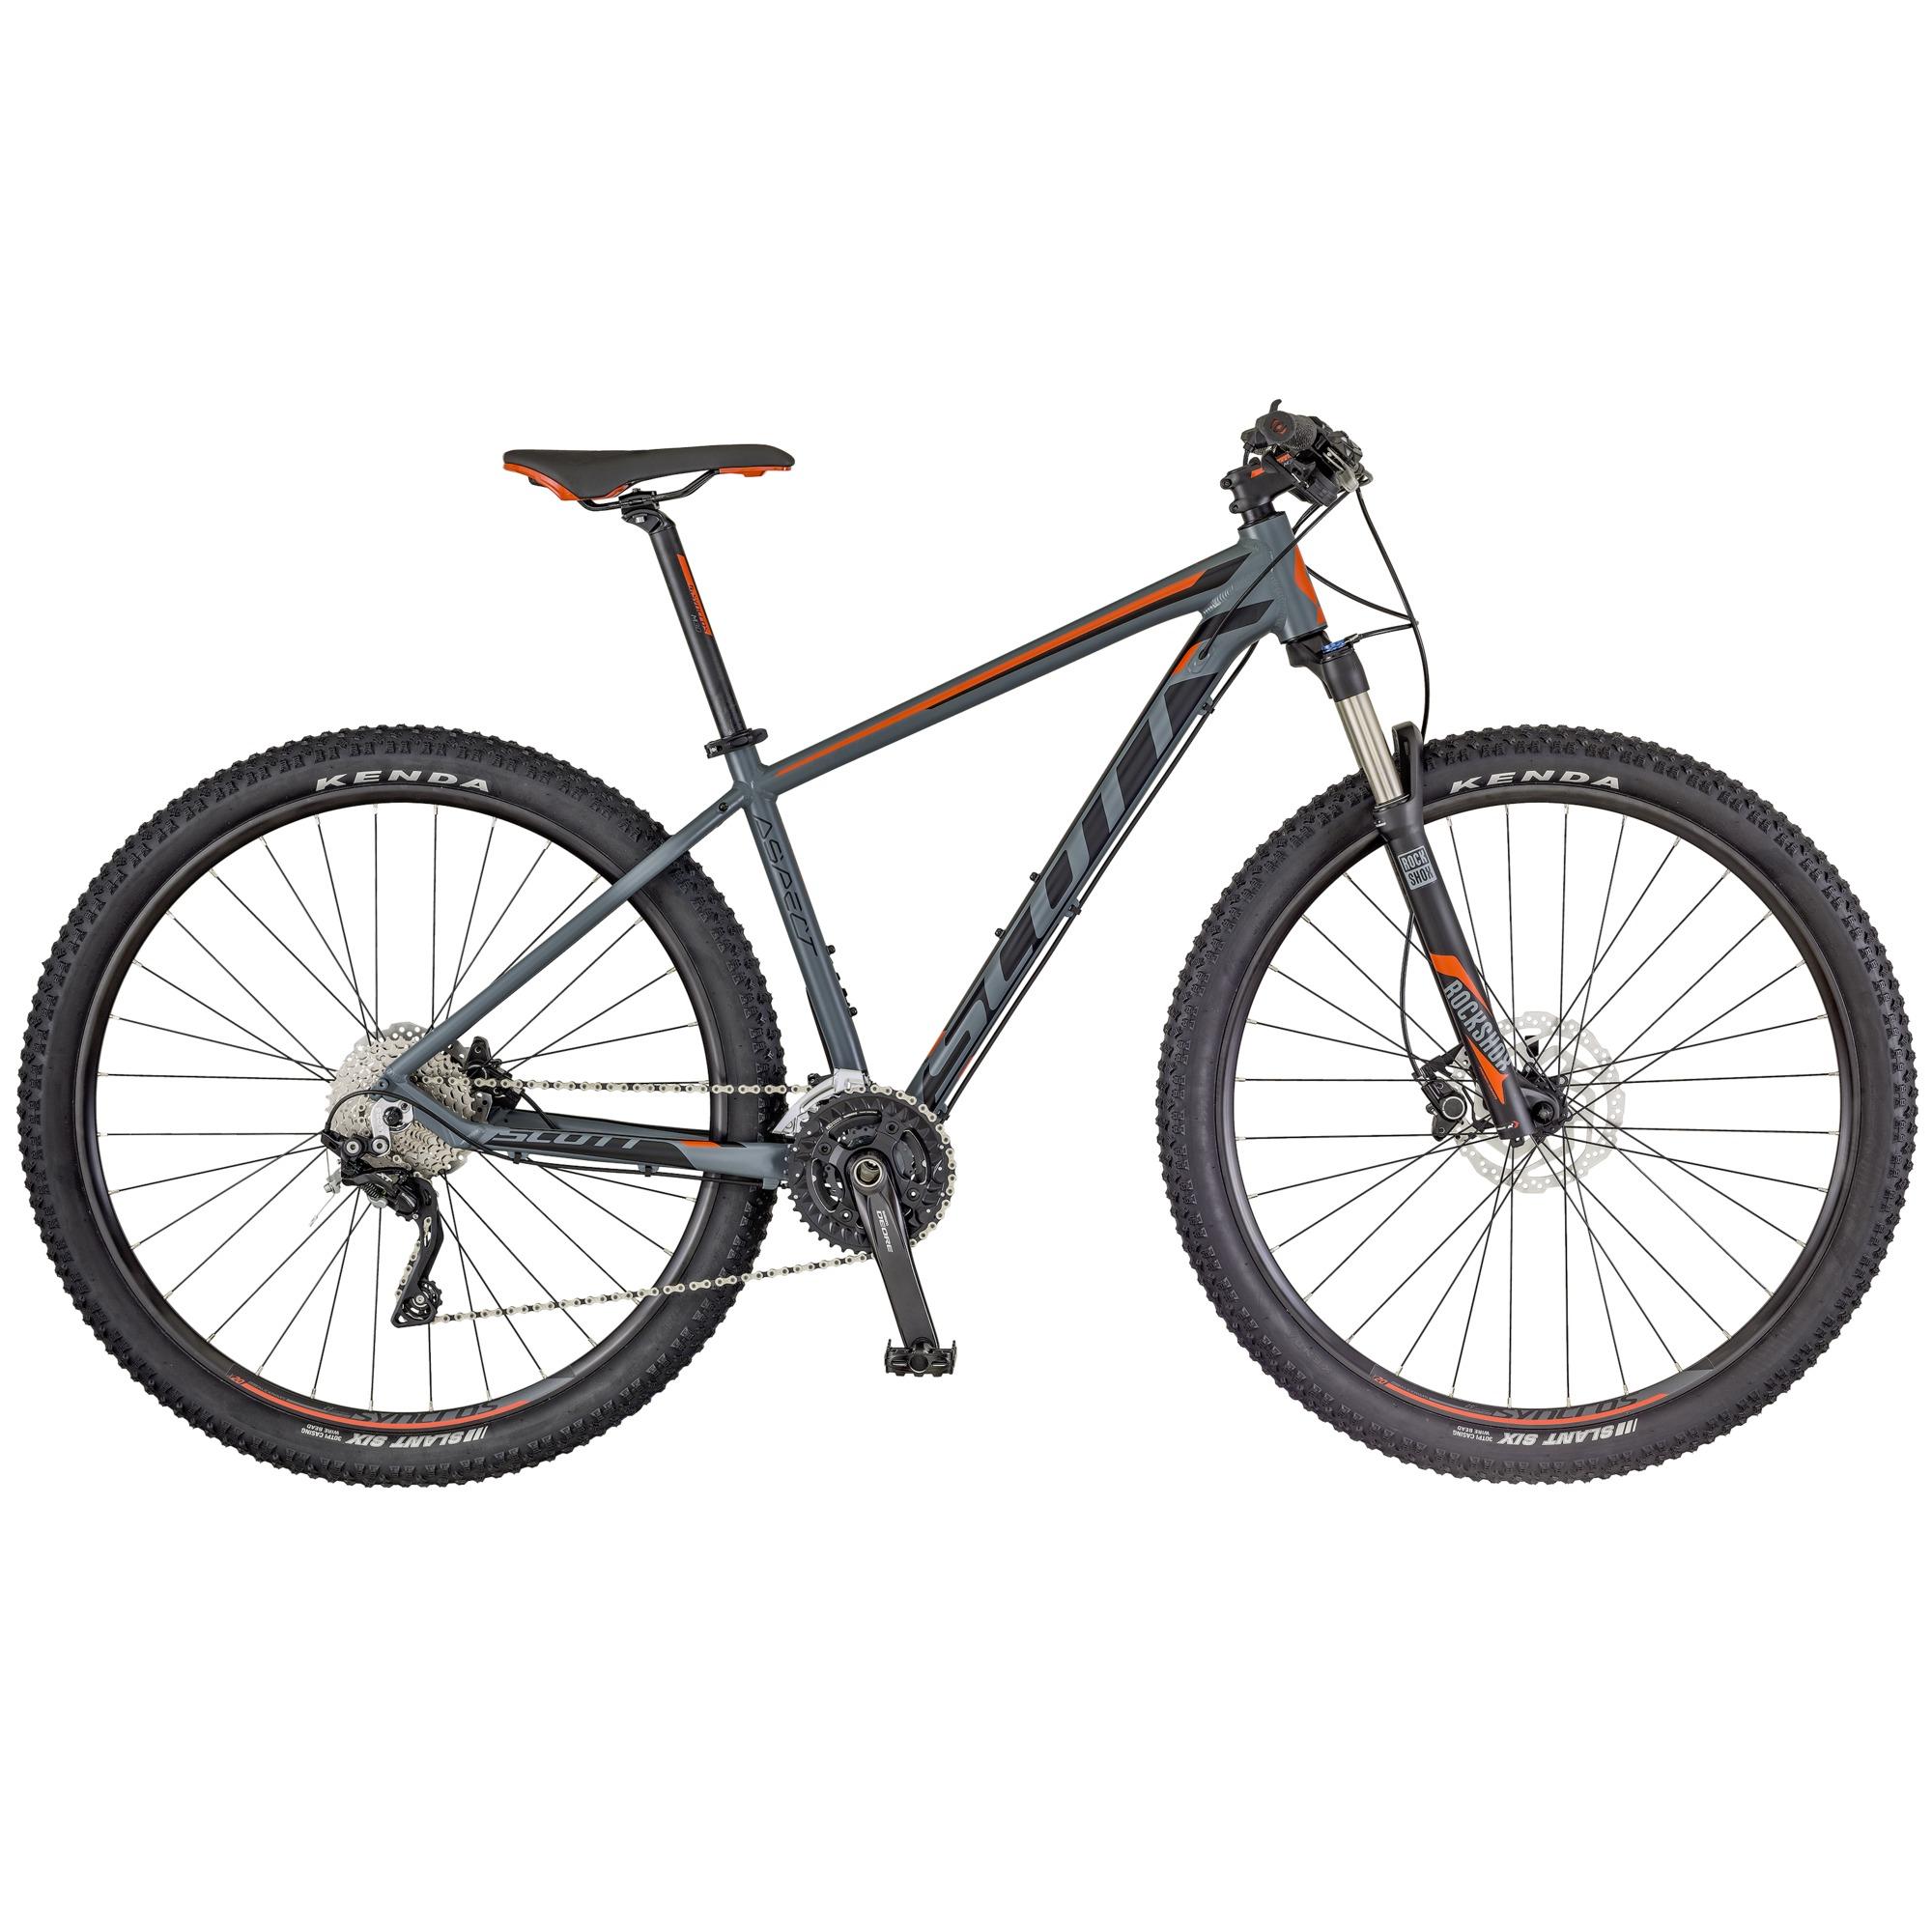 SCOTT Aspect 710 Bike XL - Zweirad Homann